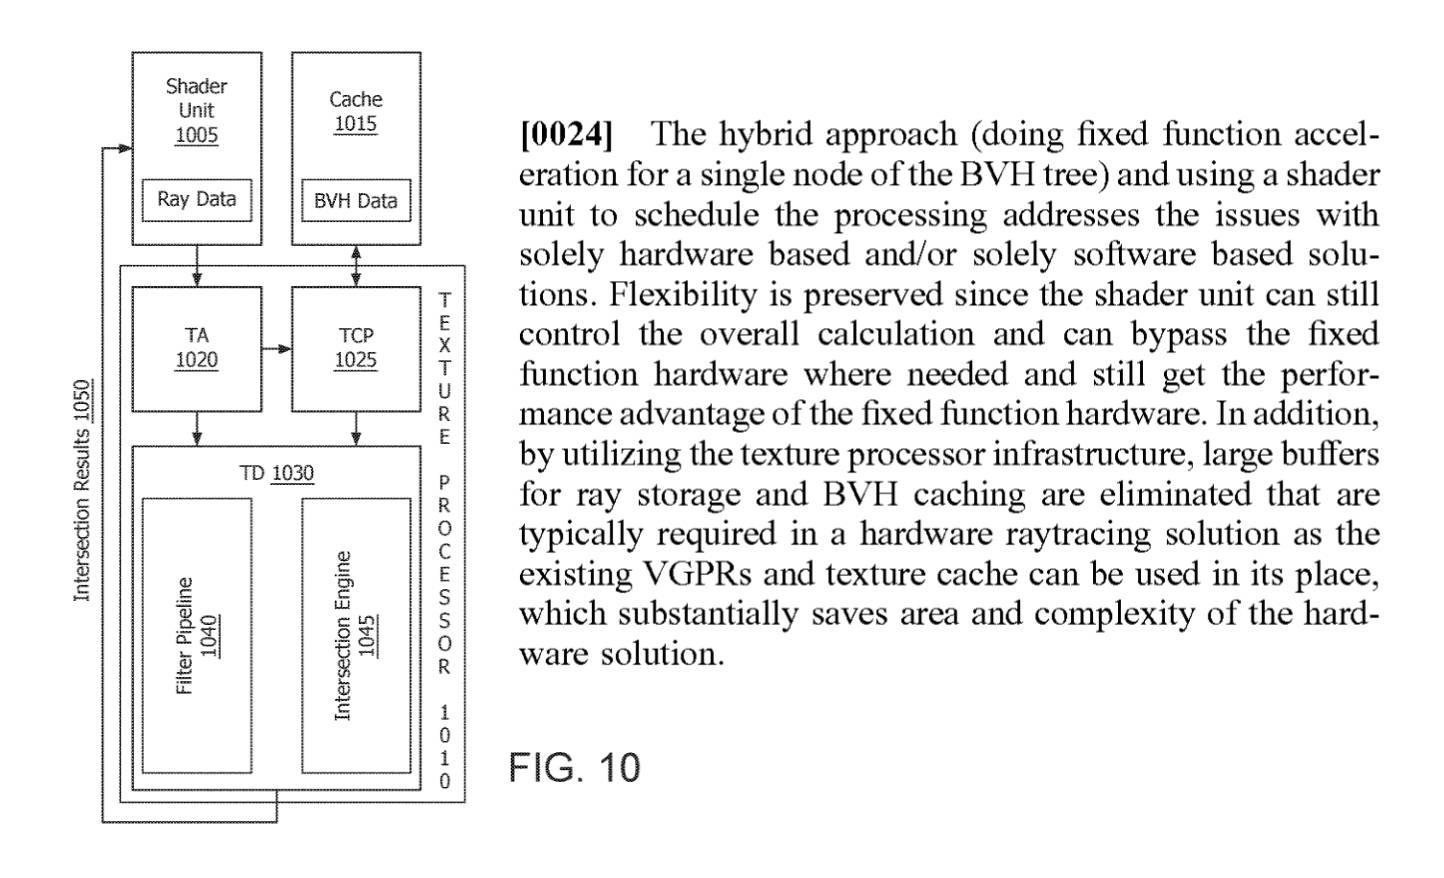 AMD patentó su propia solución de Ray Tracing híbrido para competir con NVIDIA